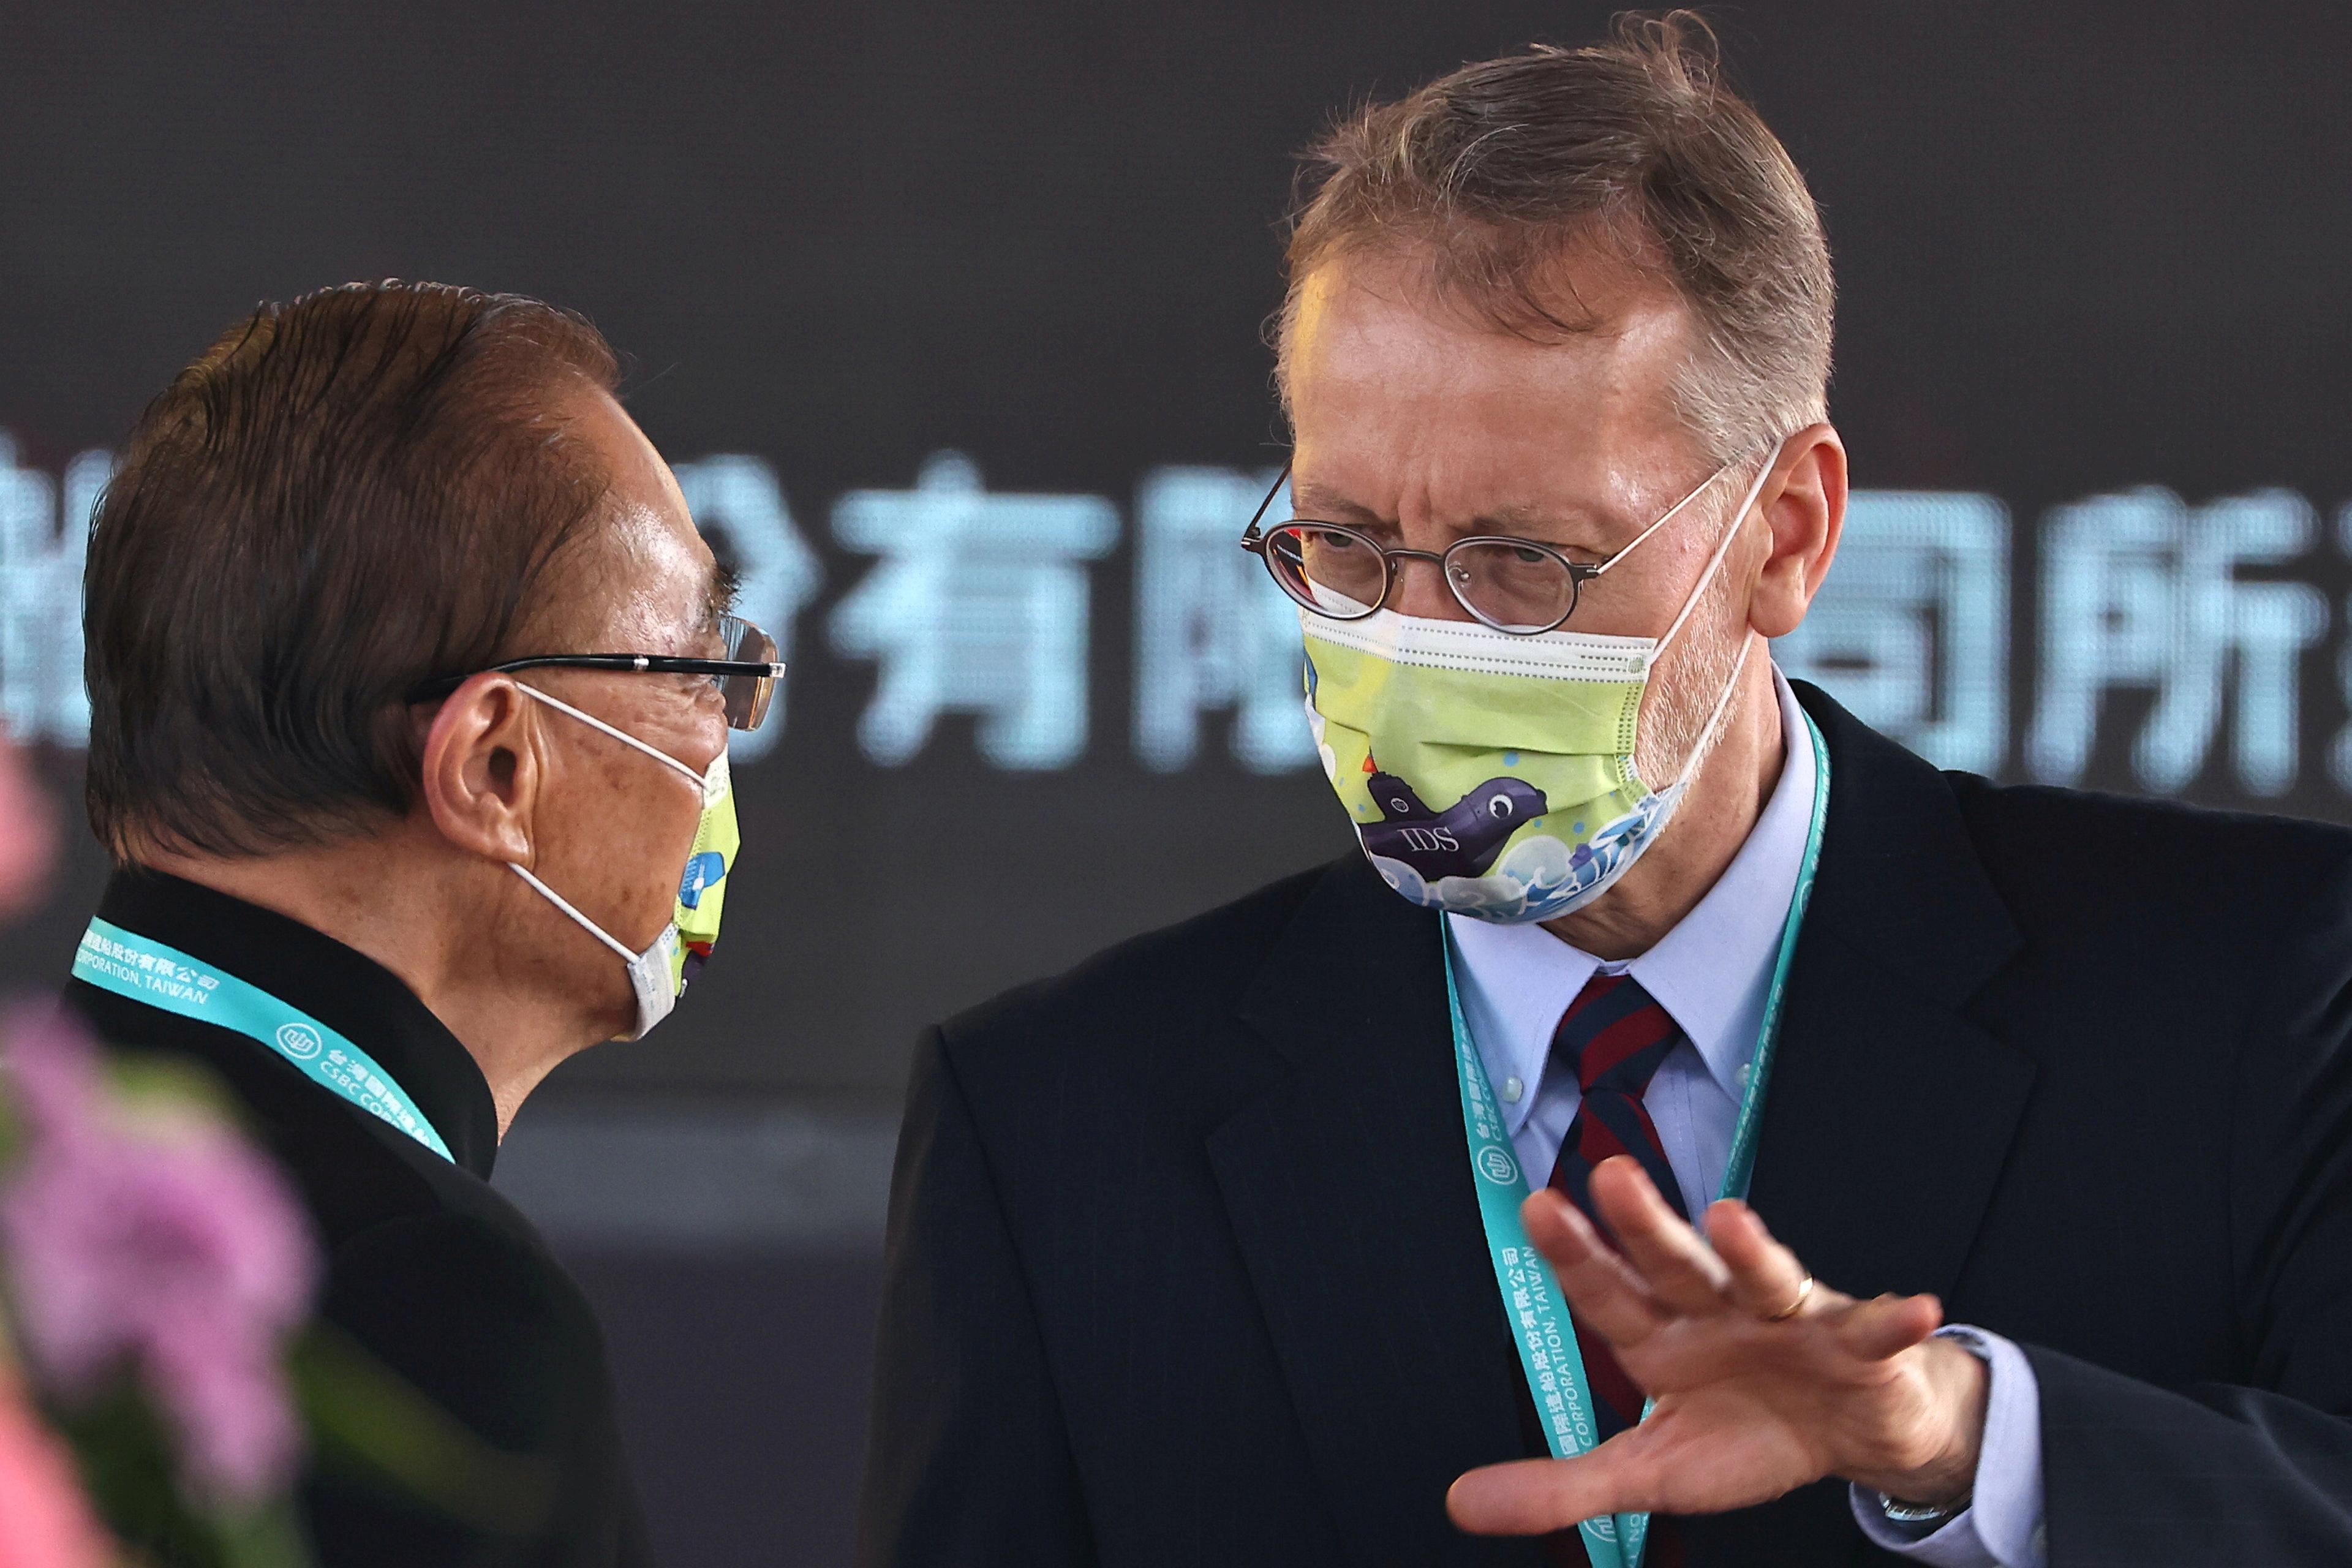 Giám đốc AIT Brent Christensen tham dự buổi lễ khởi công xây dựng hạm đội tàu ngầm mới ở Cao Hùng, Đài Loan, ngày 24 tháng 11 năm 2020. REUTERS / Ann Wang / File Photo